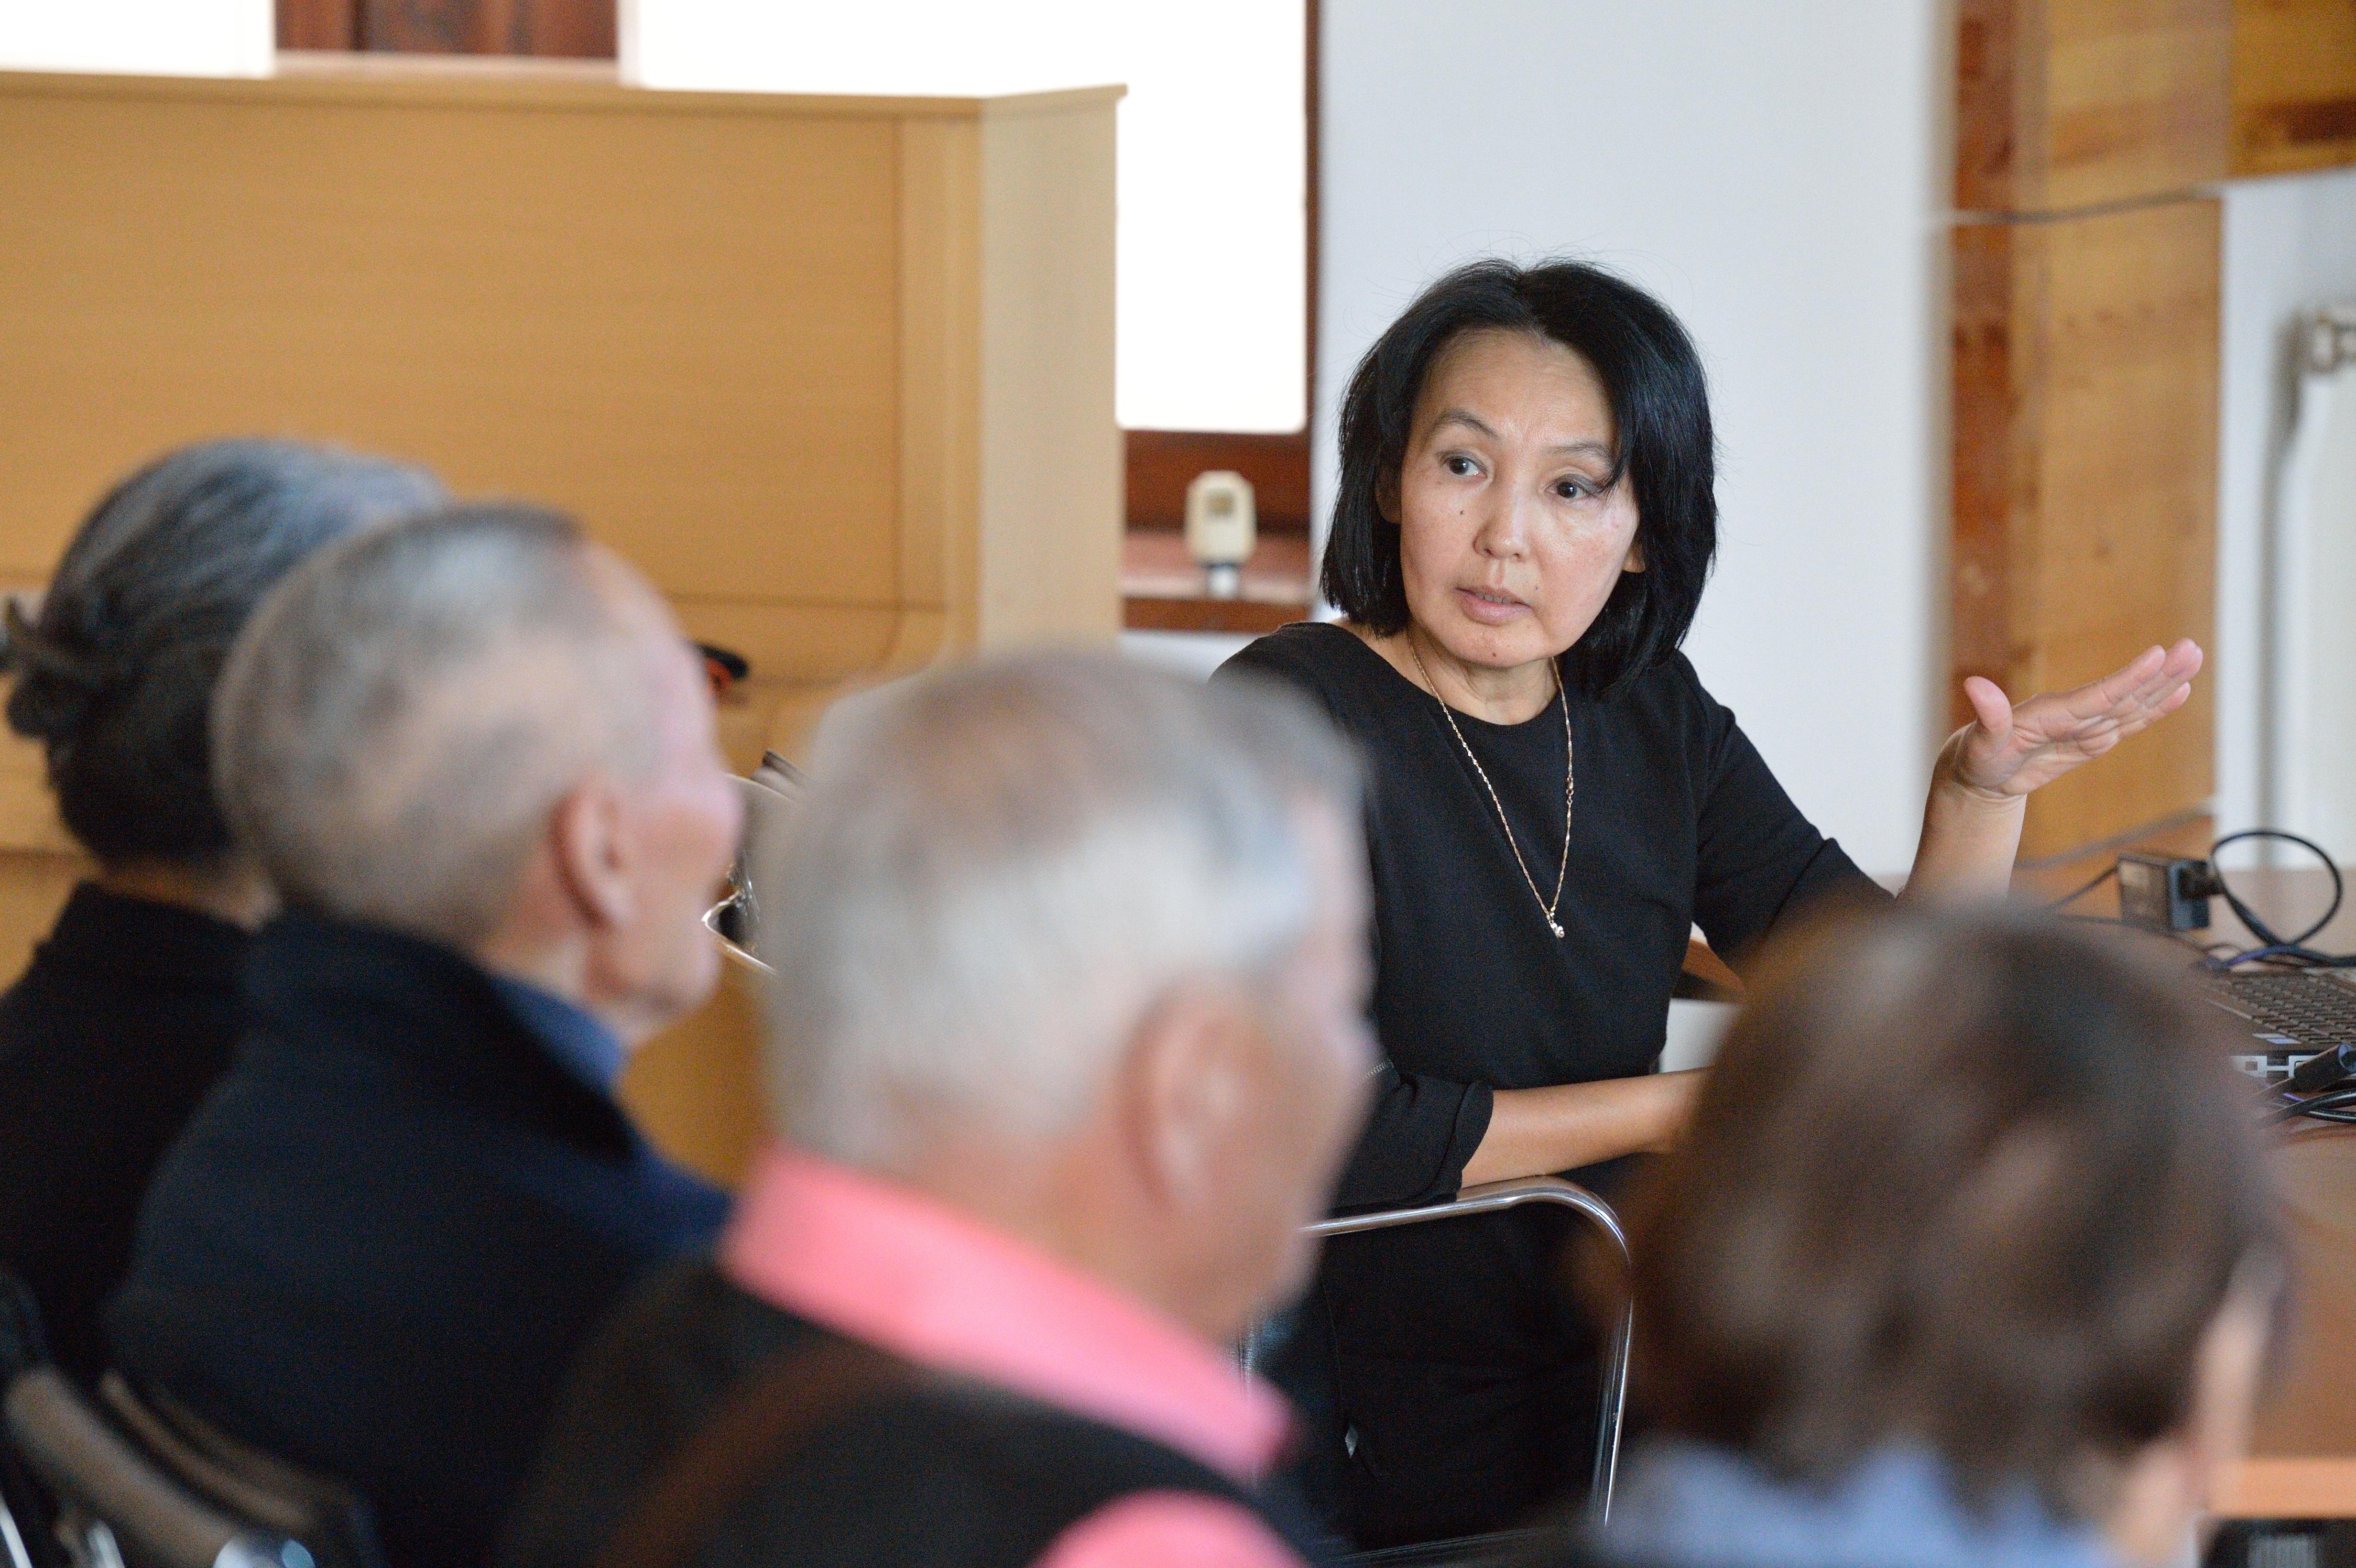 06 октября 2018 года в рамках декады «Артериальная гипертензия у пожилых» проведена лекция-презентация, посвященная Международному Дню пожилых людей в г. Якутске